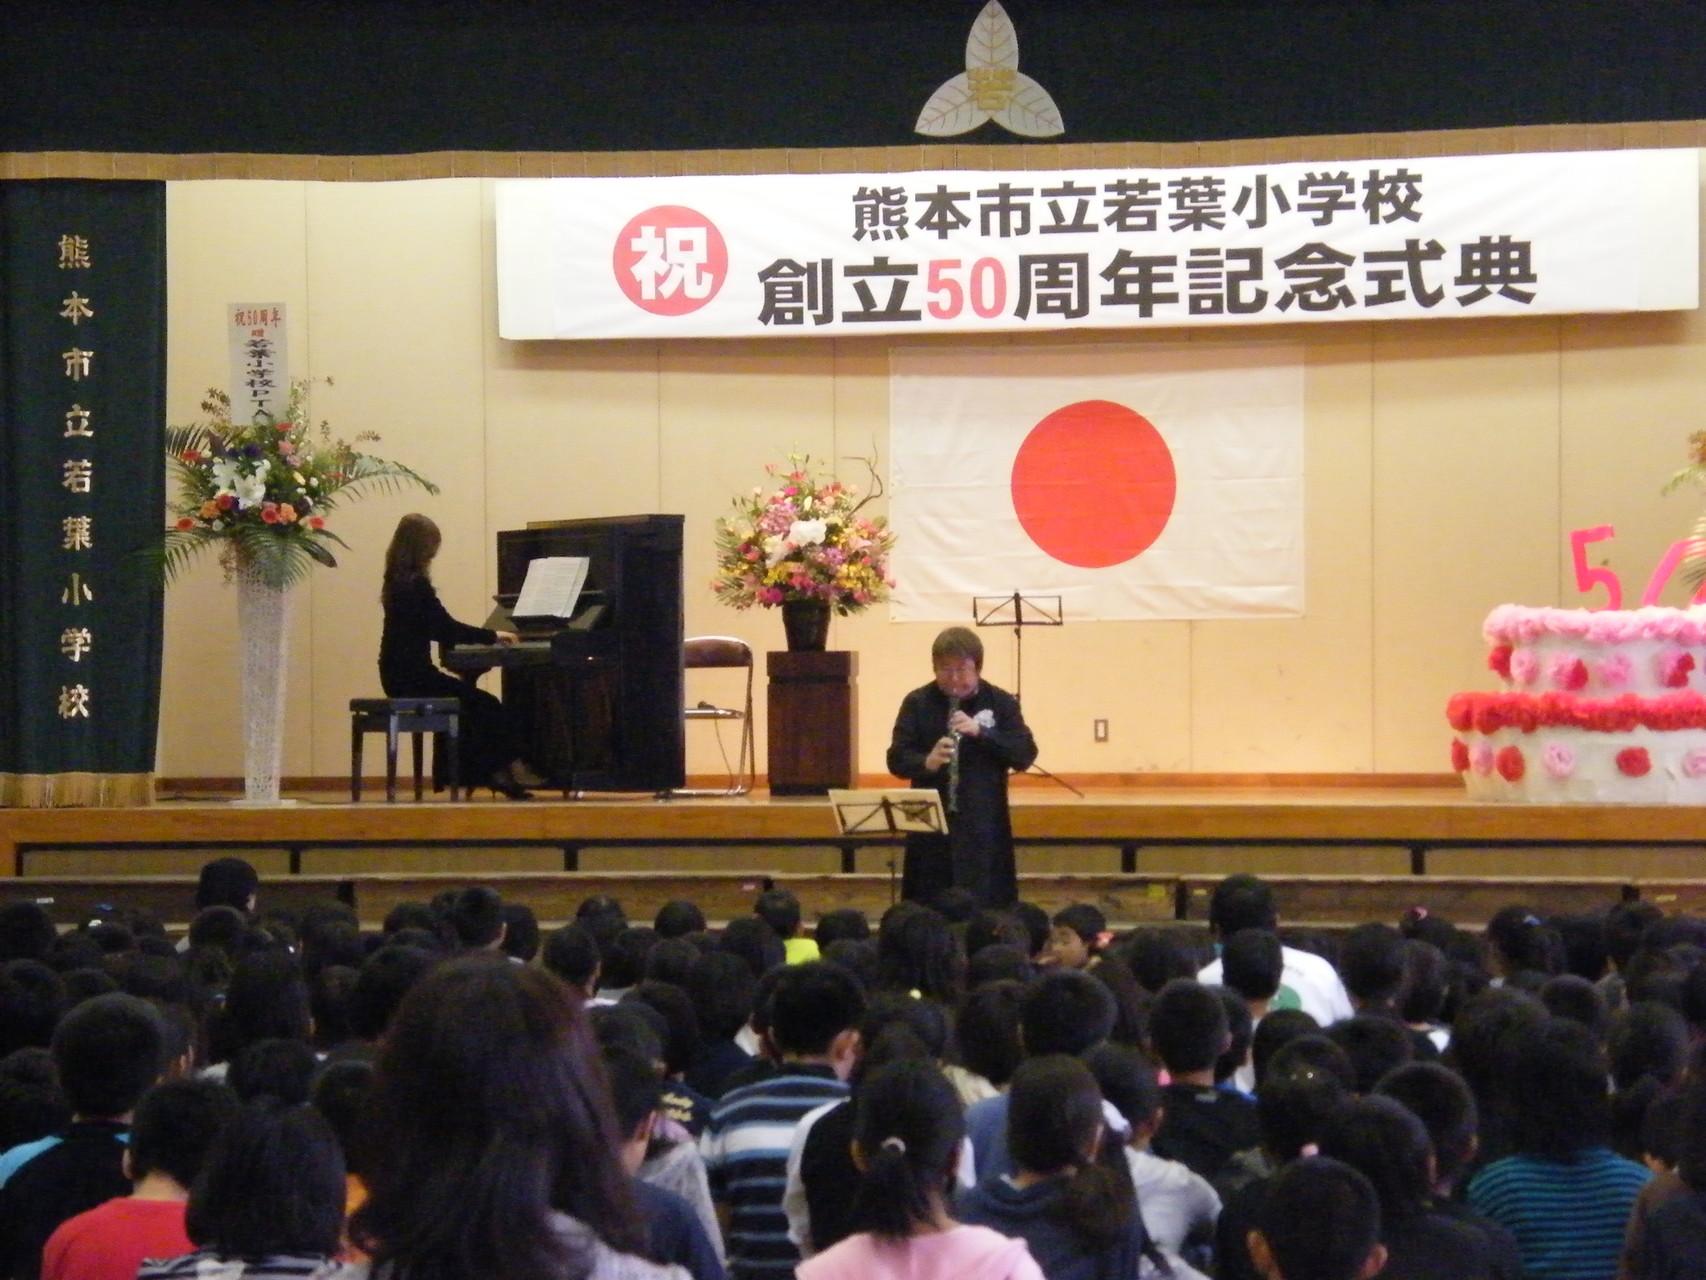 熊本市立 若葉小学校コンサート